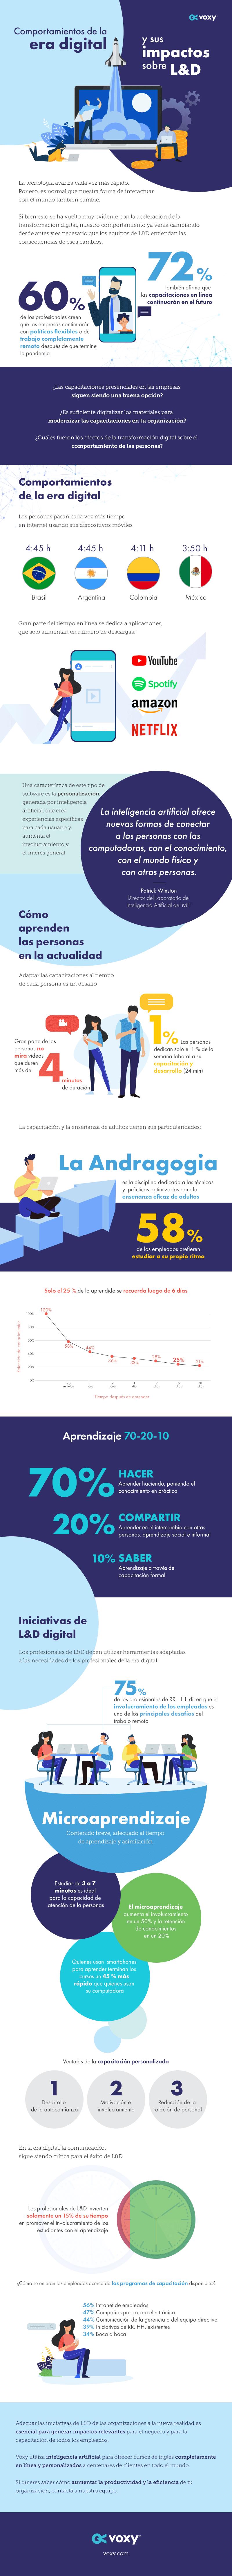 Infografía: Comportamientos de la era digital y sus impactos sobre L&D